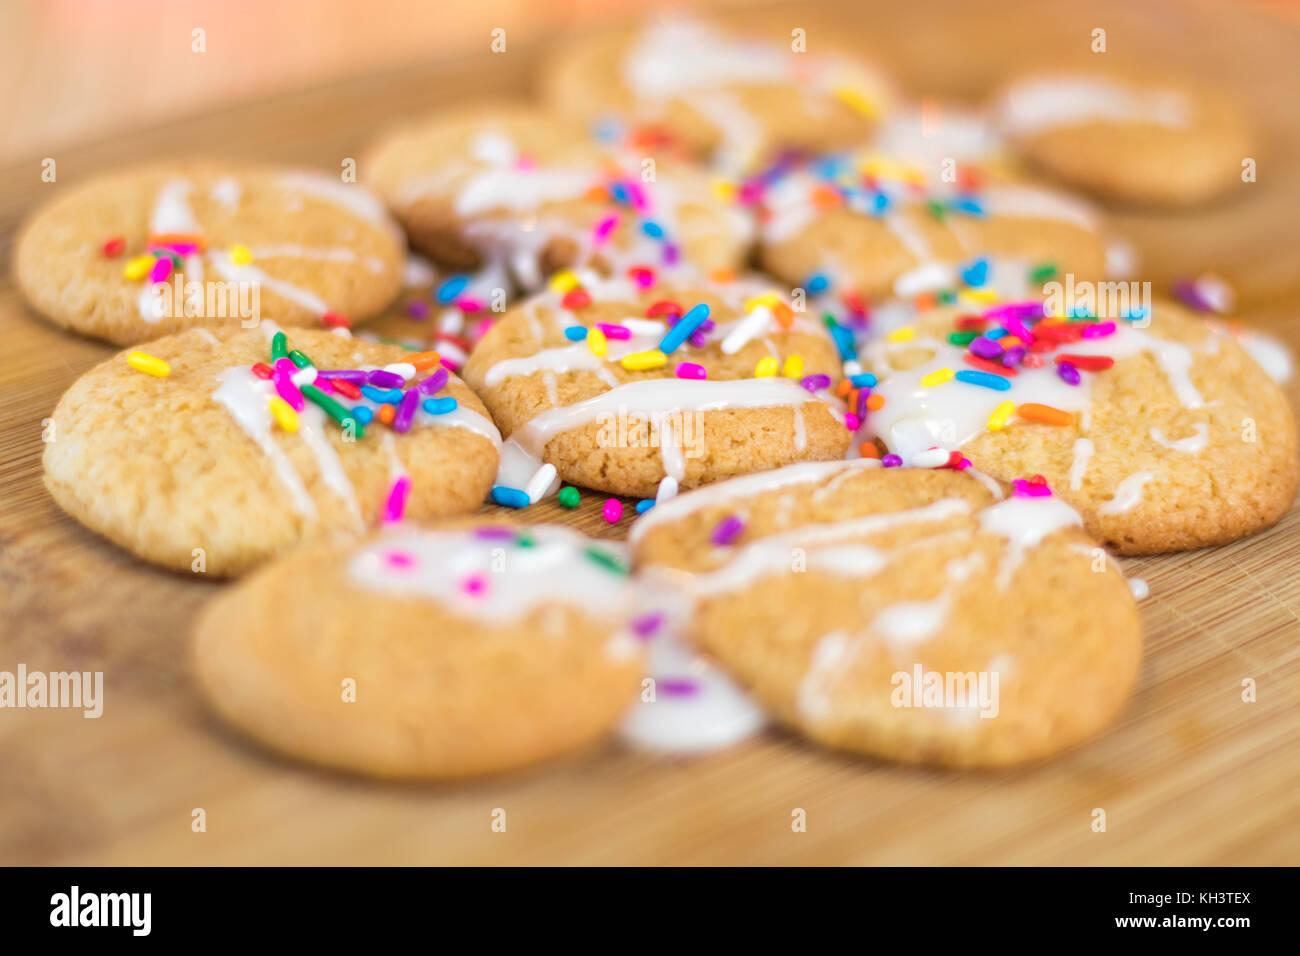 Frisch gebackene Sugar Cookies mit weißer Zuckerglasur und Rainbow farbige Streusel auf Holzbrett, selektiver Stockbild